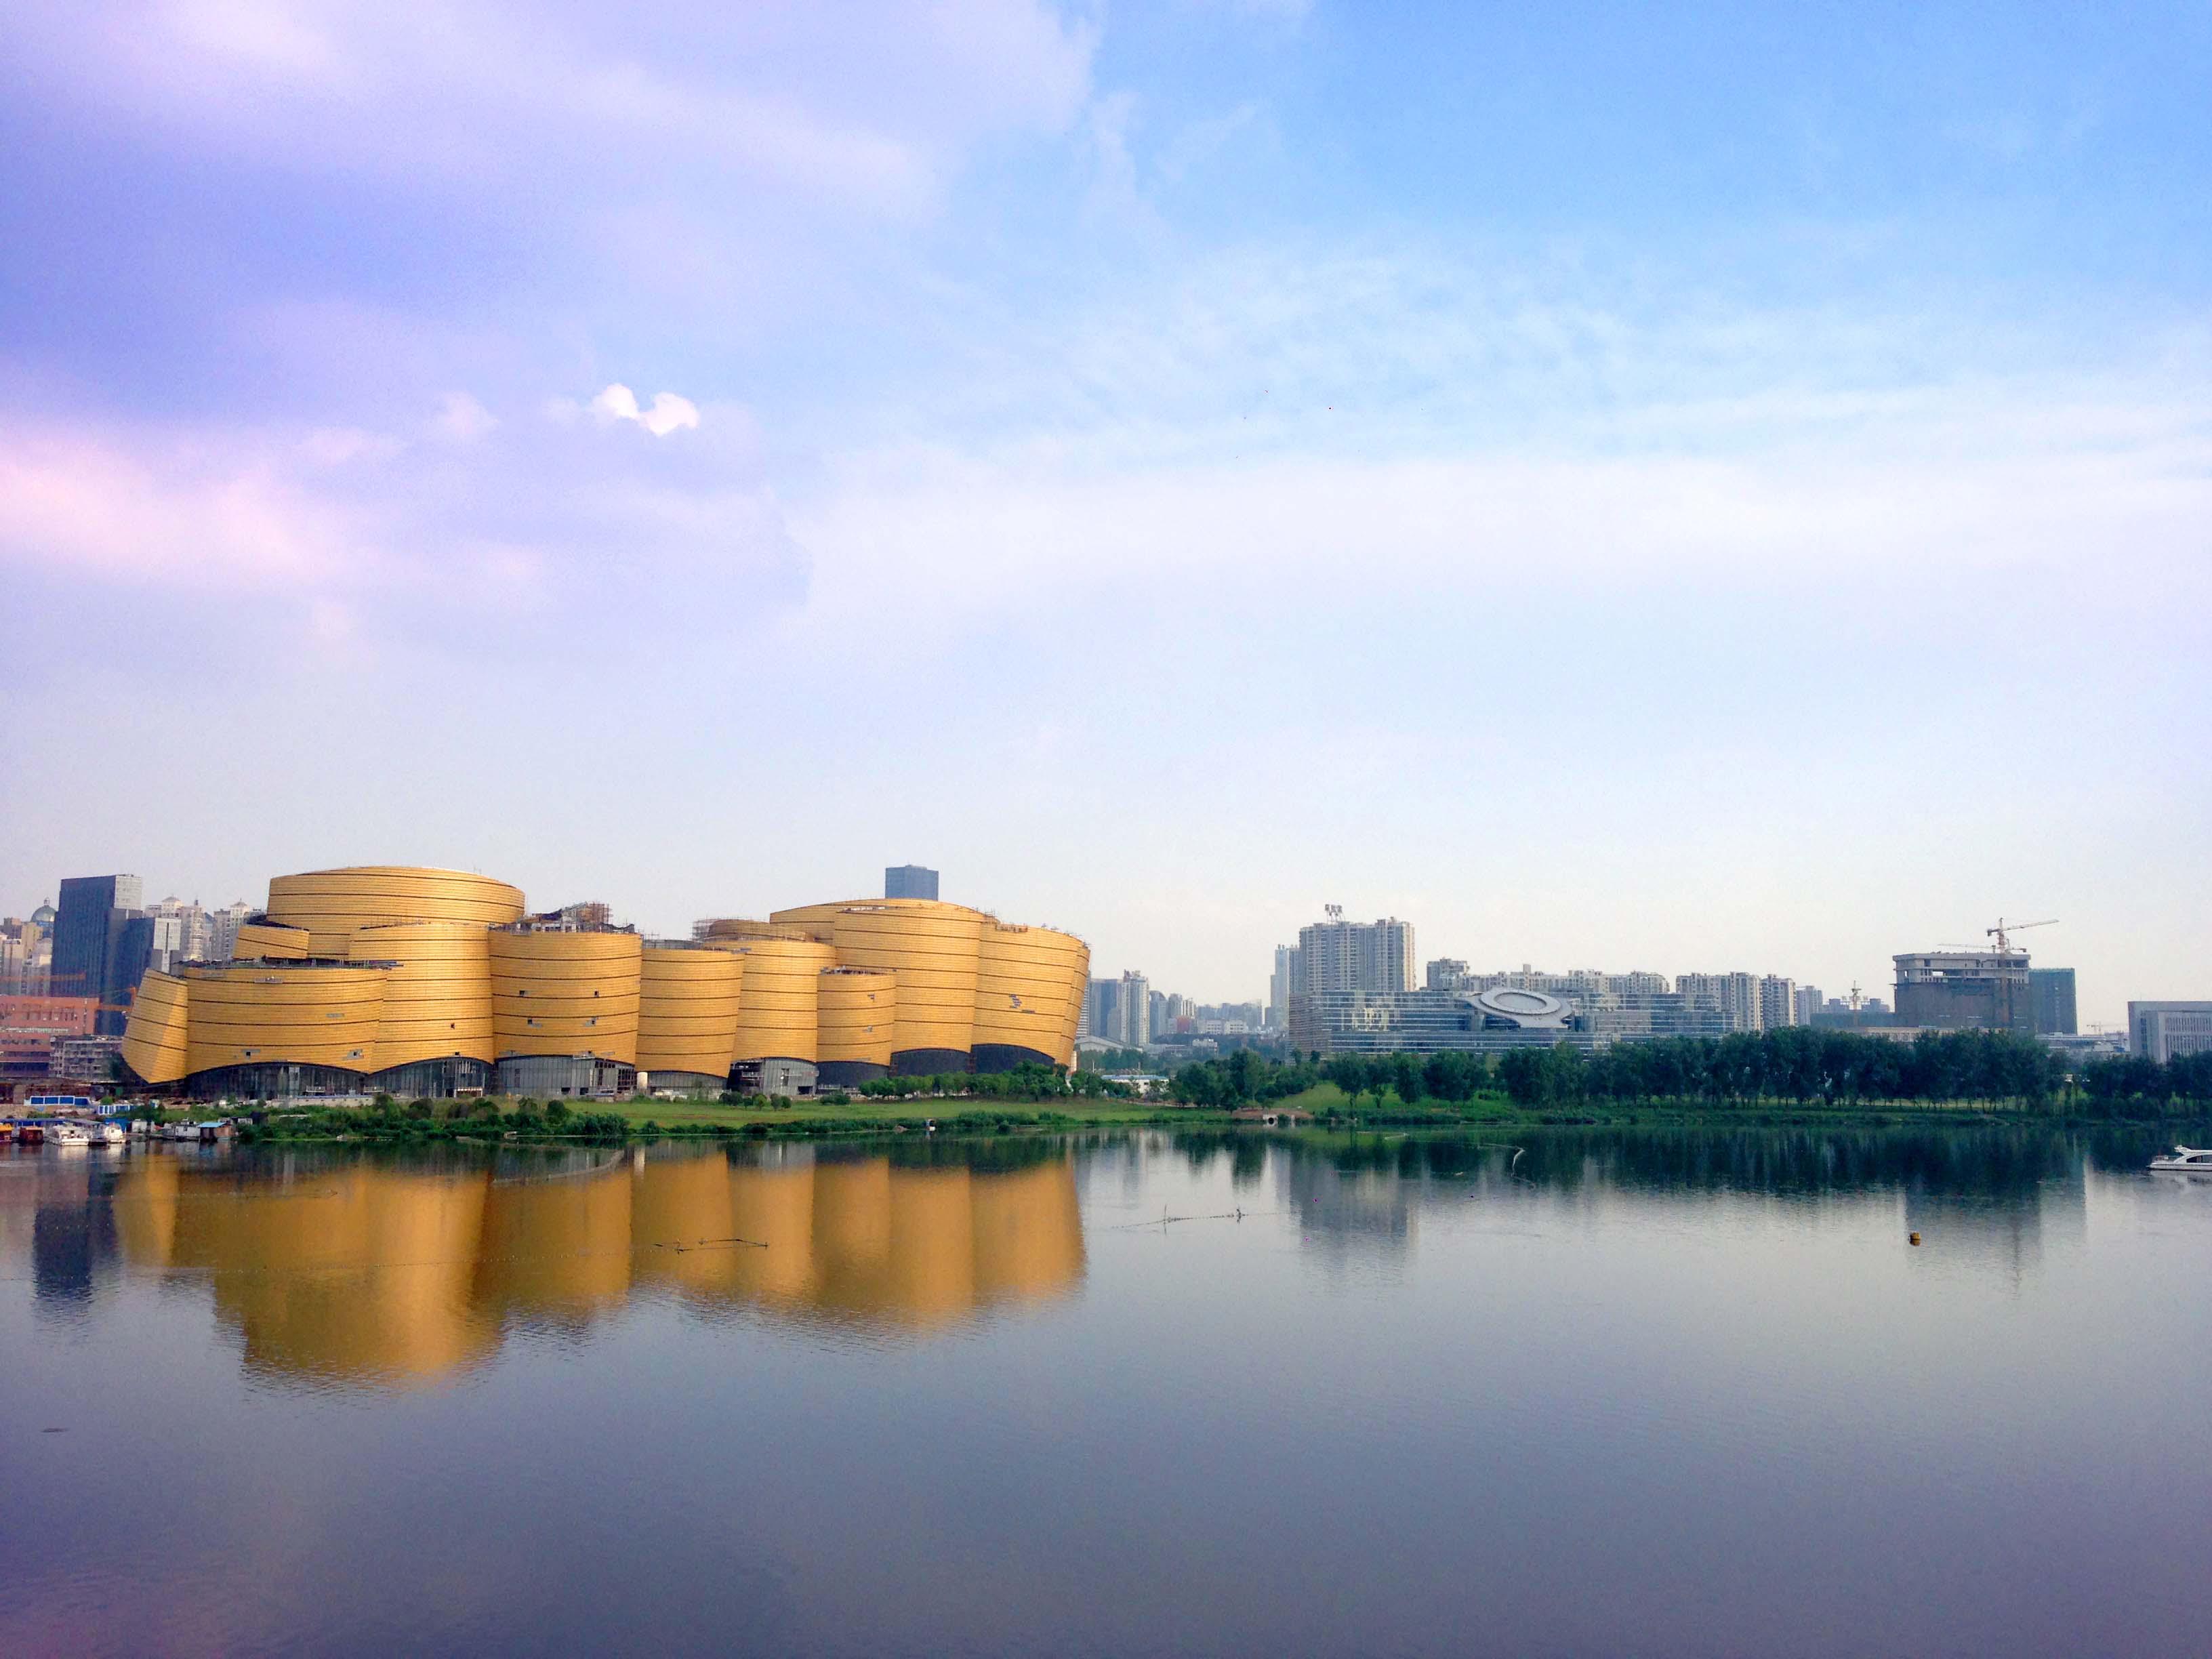 """""""中国万达项目电影理念大胆创新,高科技电影精湛绝伦,势必引领武汉56人乐园图片"""